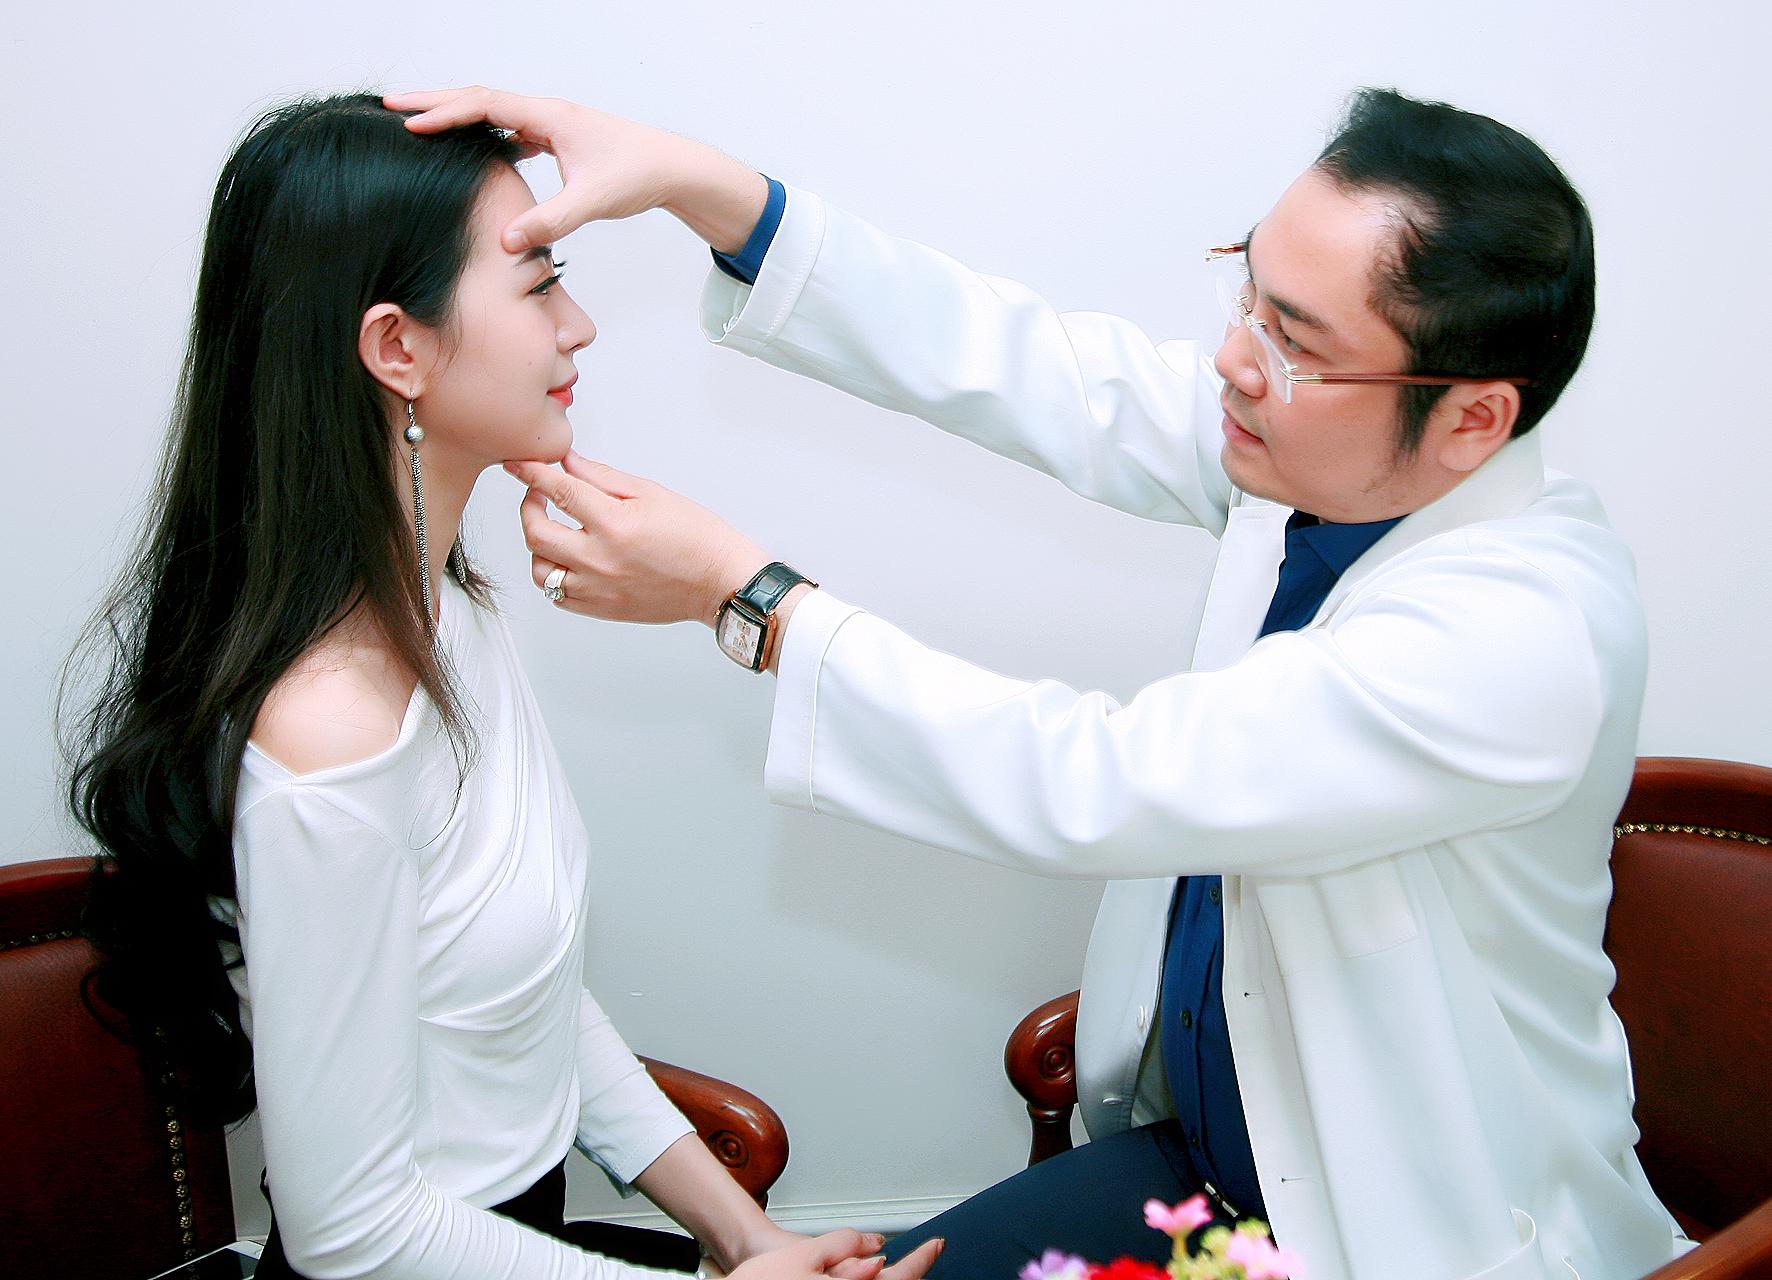 Bước 1: Kiểm tra đánh giá tình trạng da